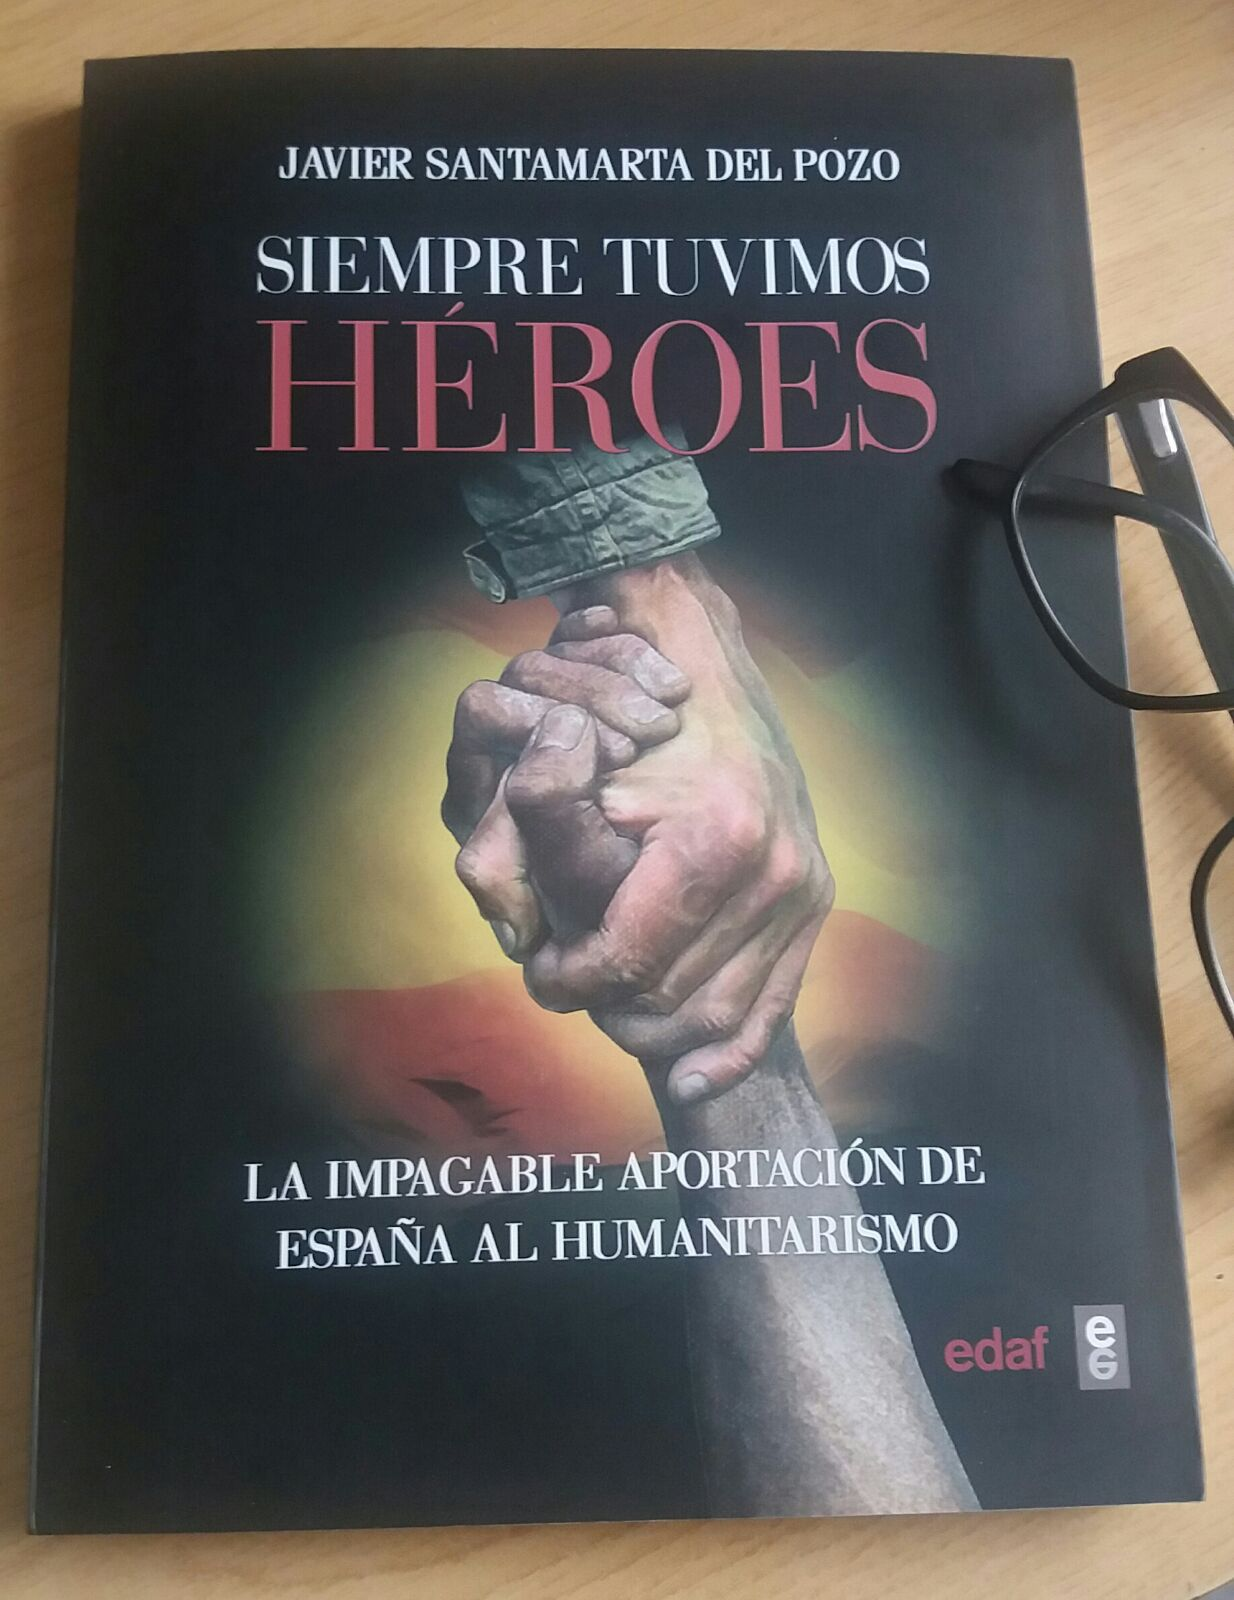 Reseña del libro: 'Siempre tuvimos héroes' de Javier Santamarta del Pozo